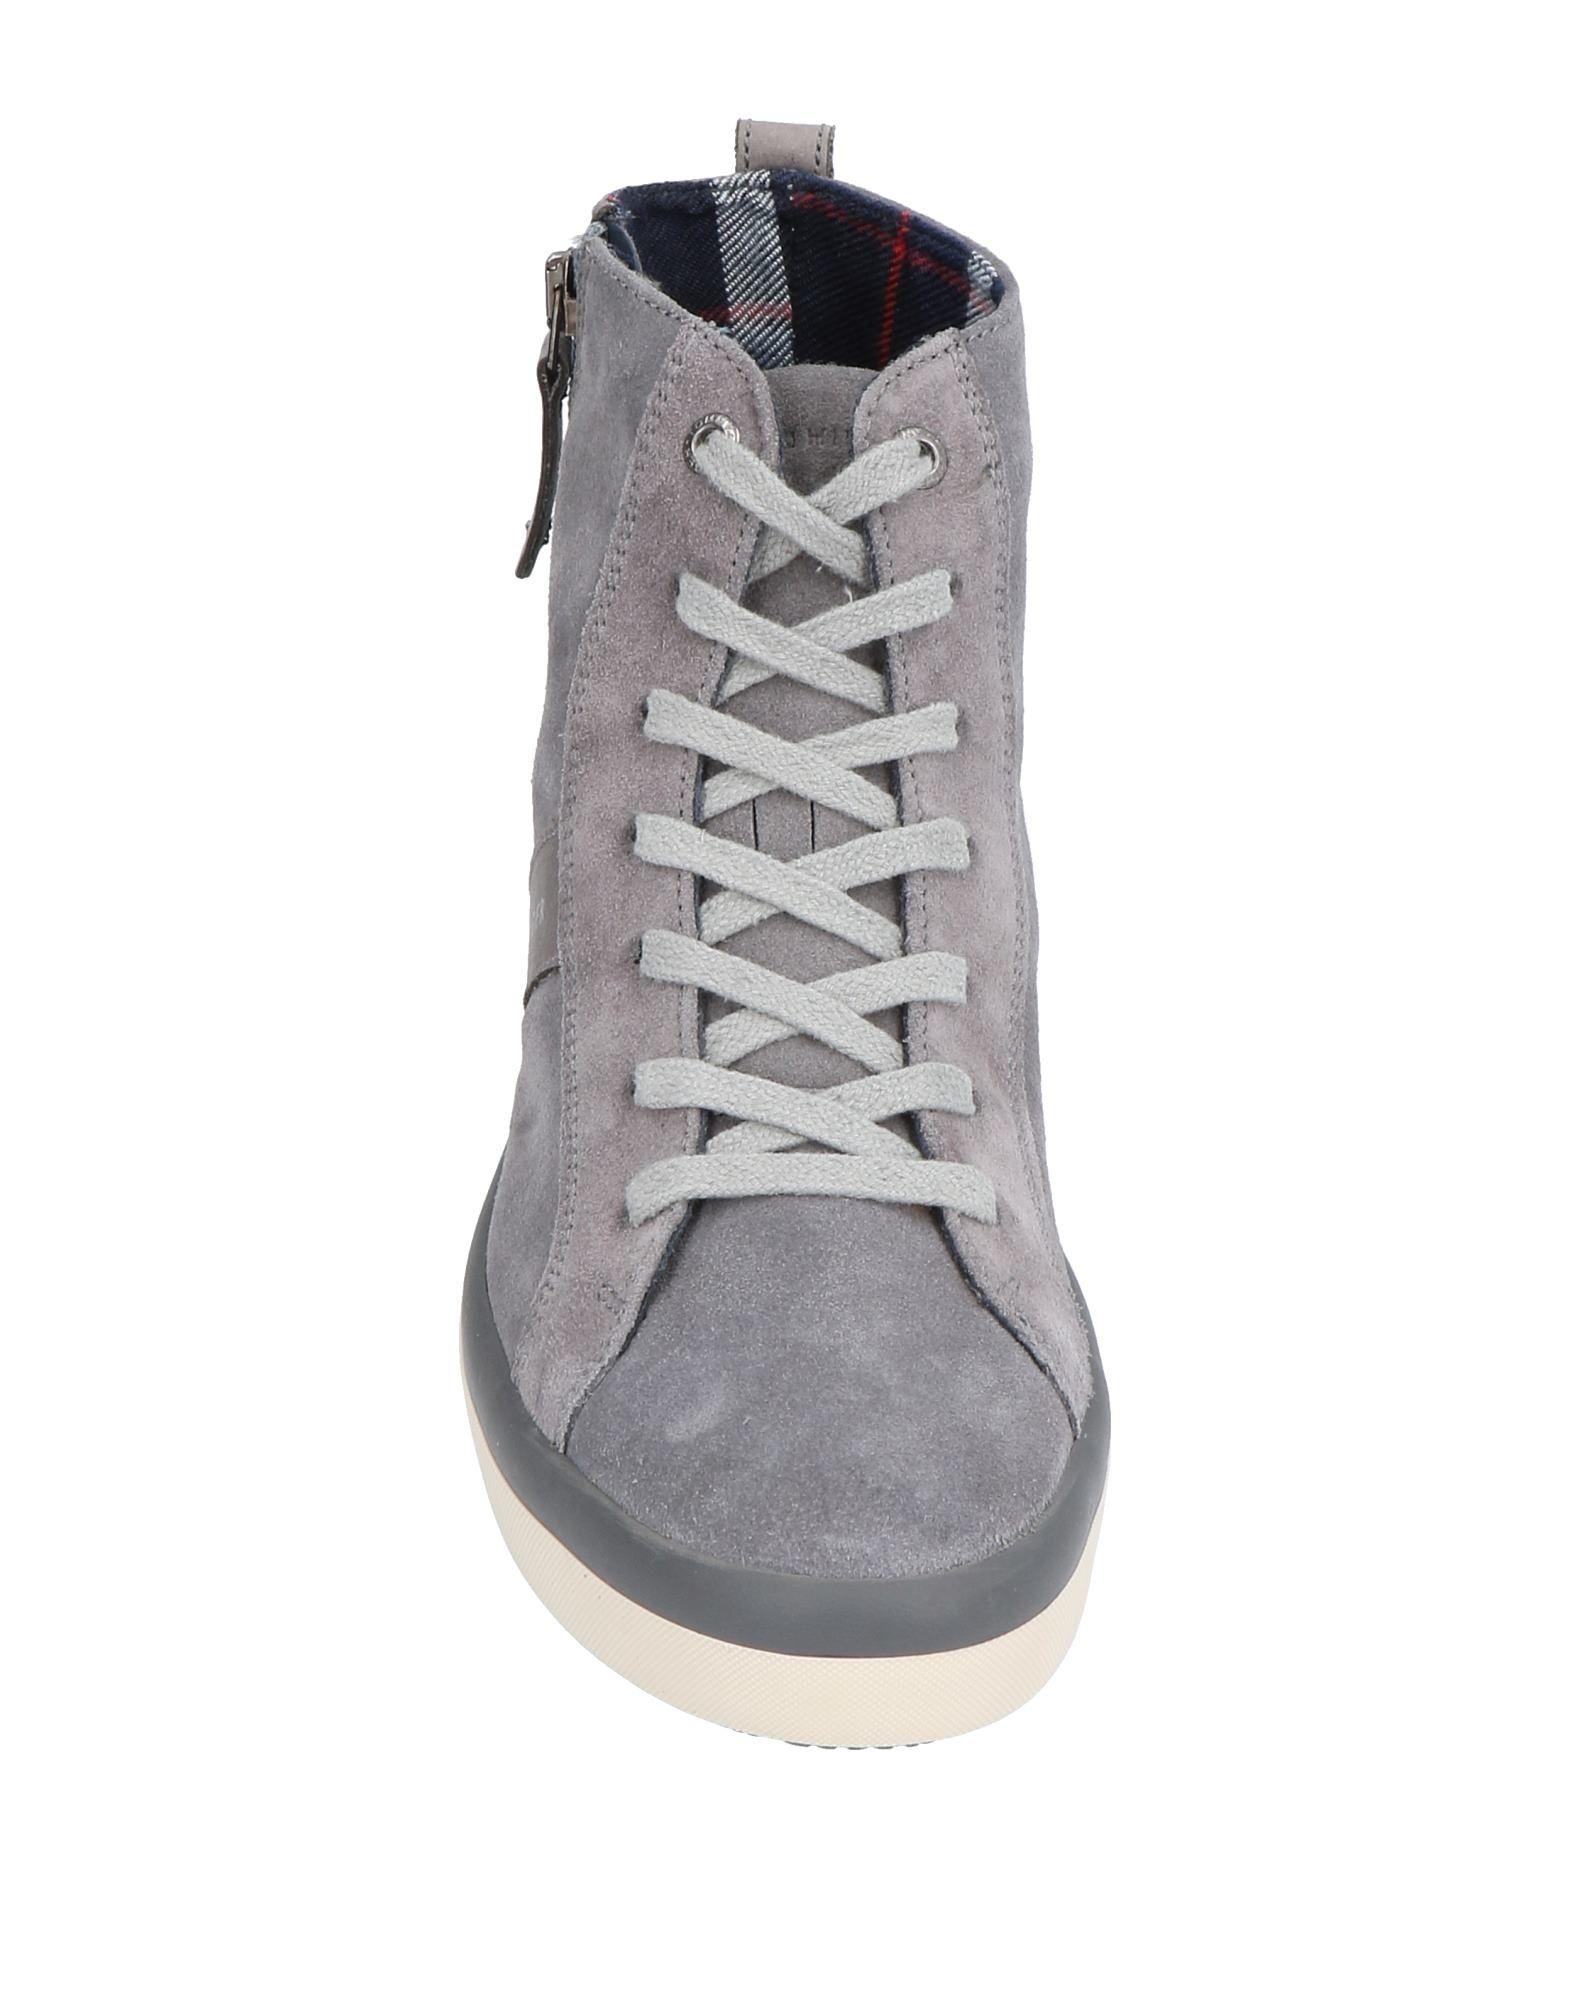 Rabatt echte Herren Schuhe Tommy Hilfiger Sneakers Herren echte  11488509RJ 49280d